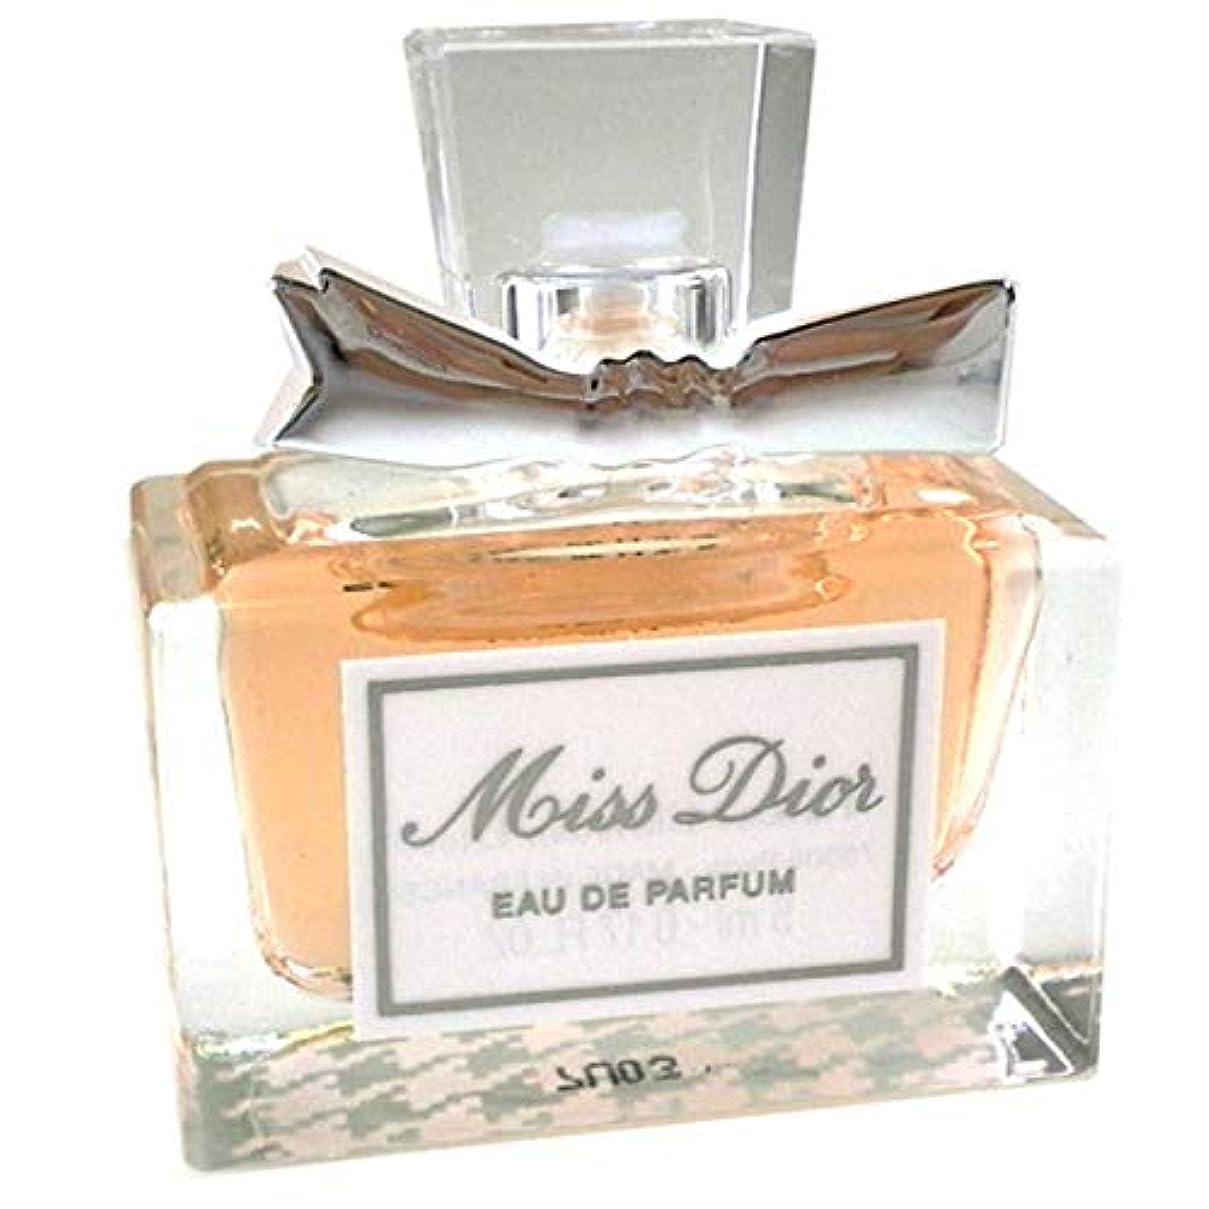 ナース重さ匹敵しますDior ディオール 香水 ミス ディオール Miss Dior 5ml ブレスレット アンクレット アクセサリー ミニサイズ ミニコスメ トラベル 化粧 メイク コスメ ピンク 海外限定